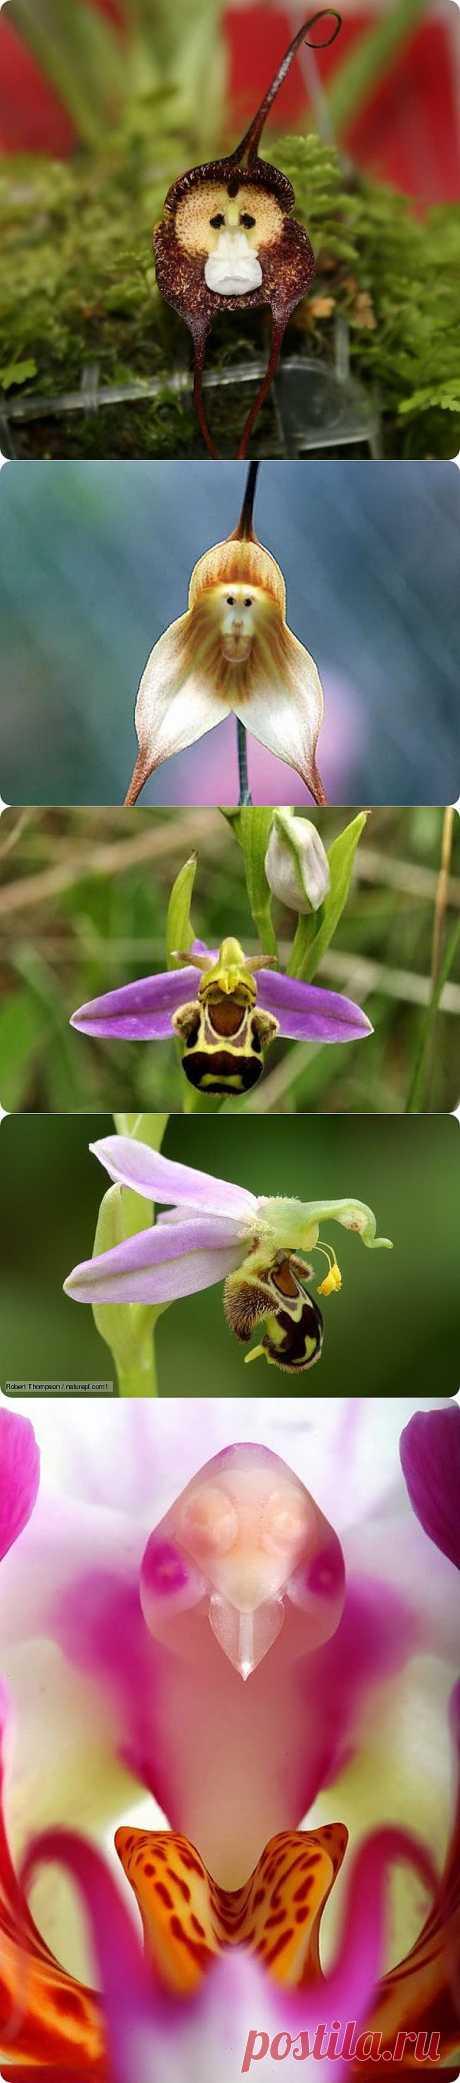 Seis orquídeas asombrosas, parecido a los animales   ZooPicture.ru